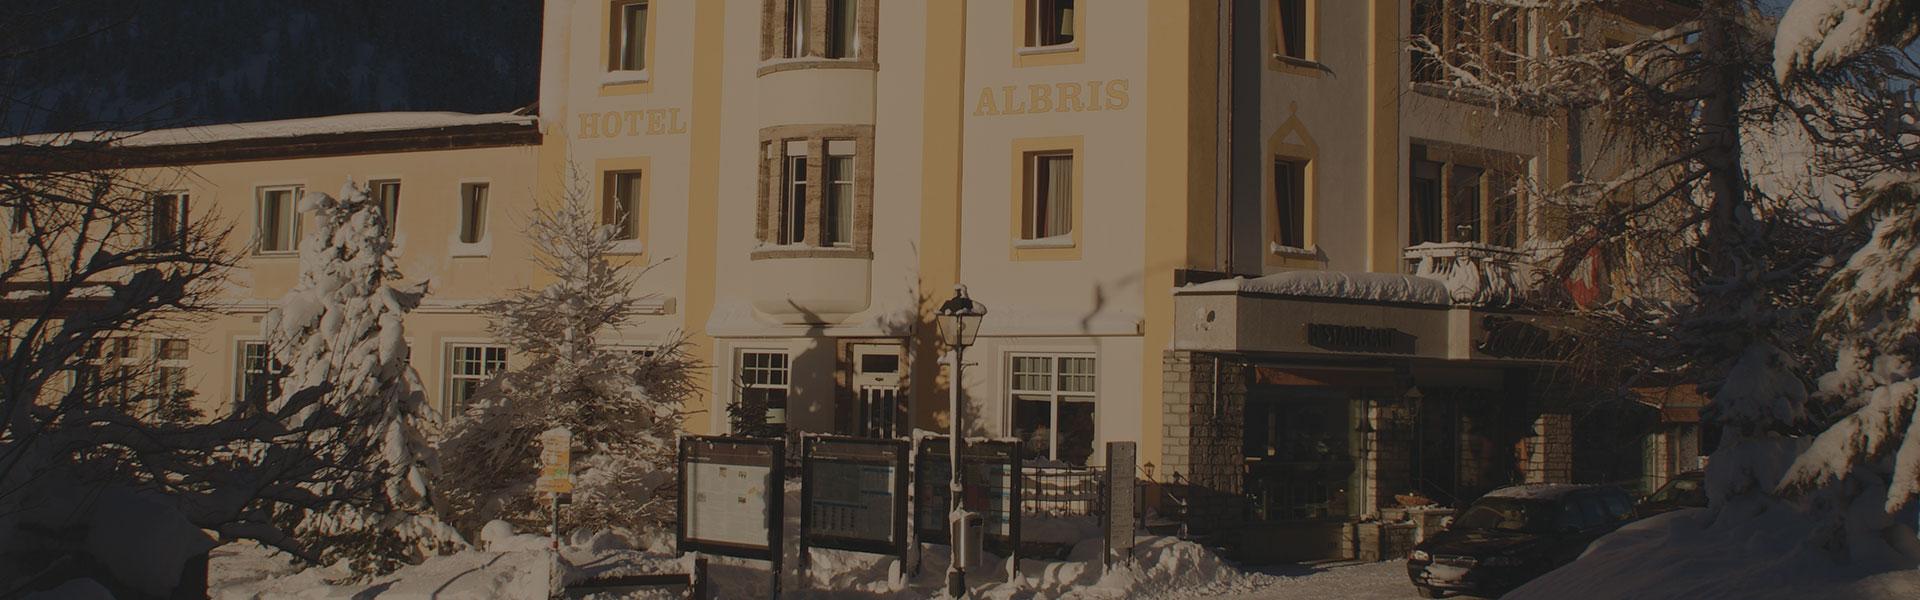 Hotel Albris Winter